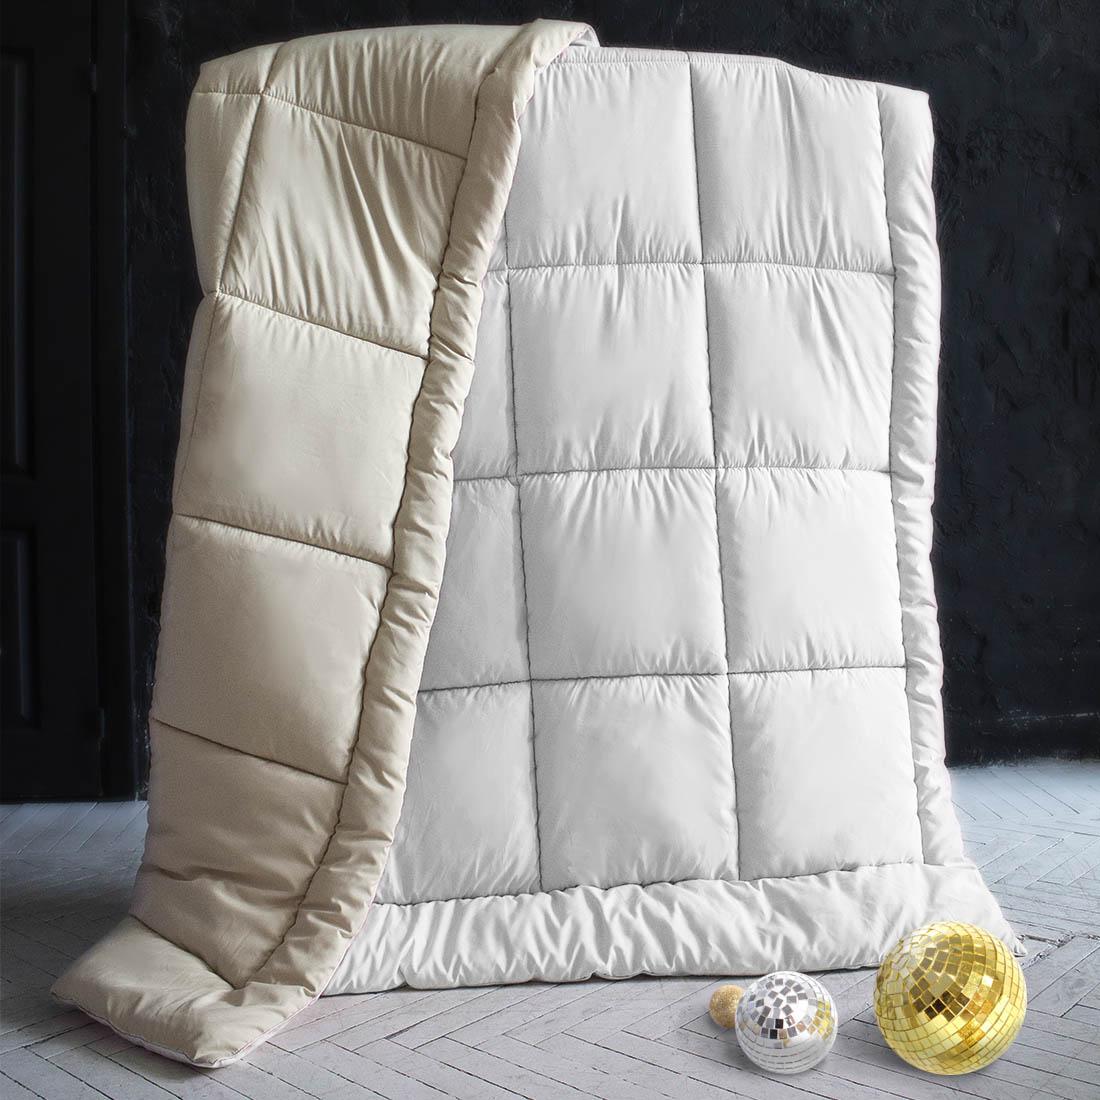 Одеяла Sleep iX Одеяло MiltiColorЦвет: Бежевый/Белый (140х205 см) одеяло лэмби цвет бежевый 140 х 205 см